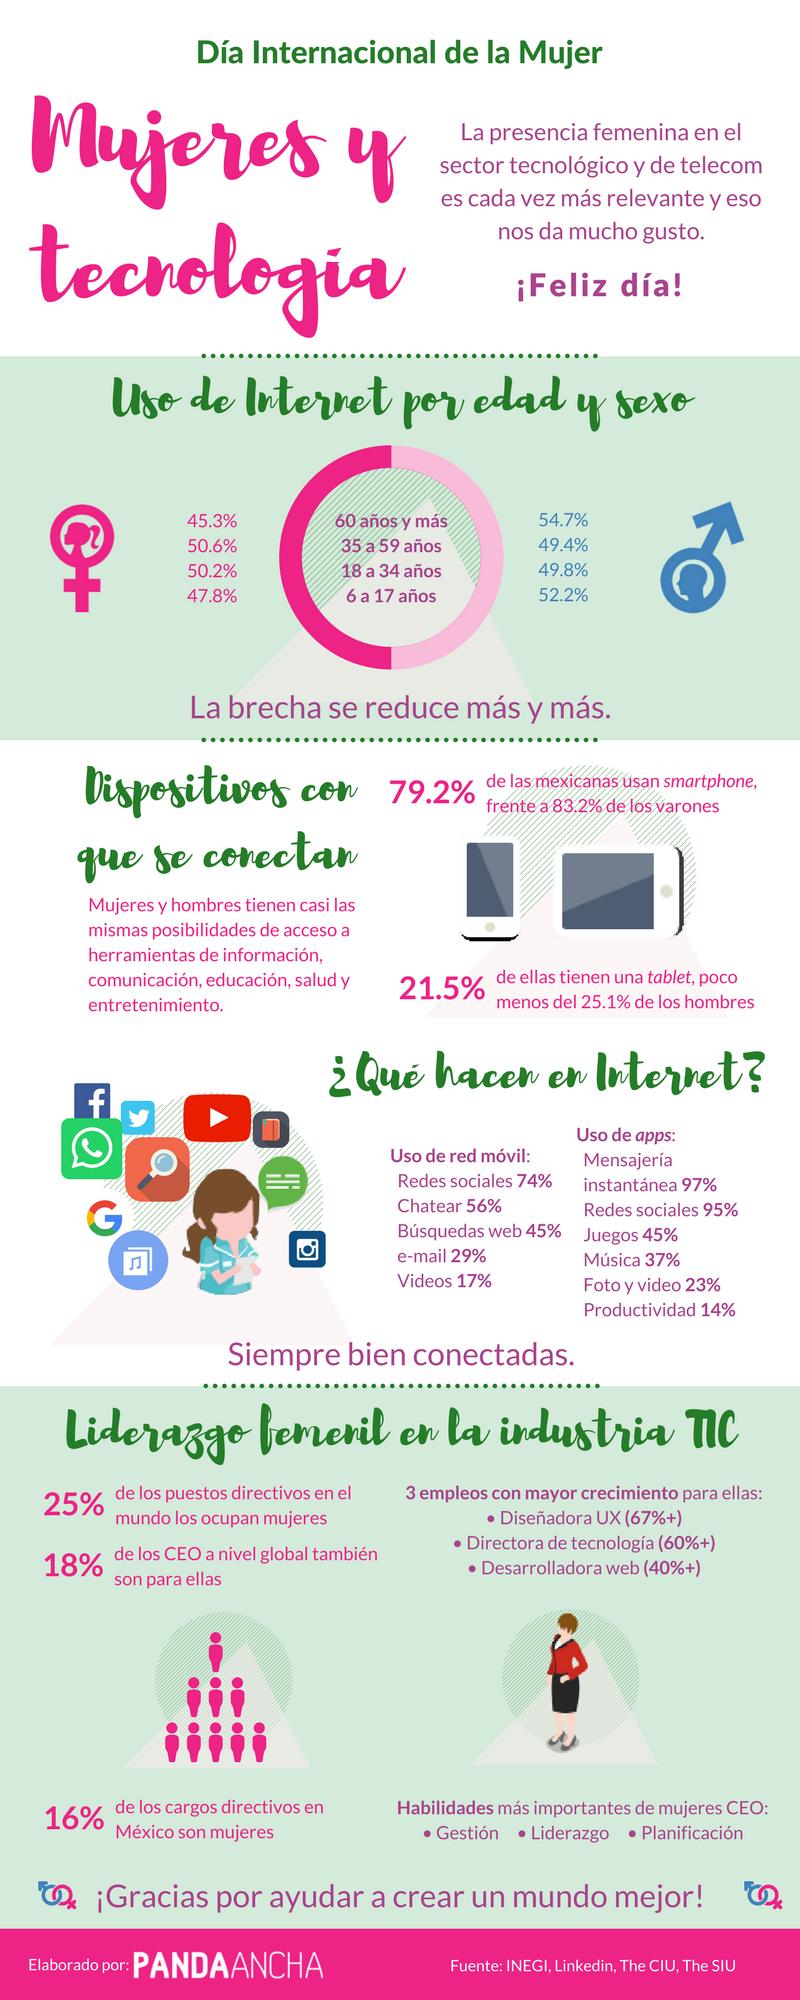 Infografía sobre mujeres y tecnoogía